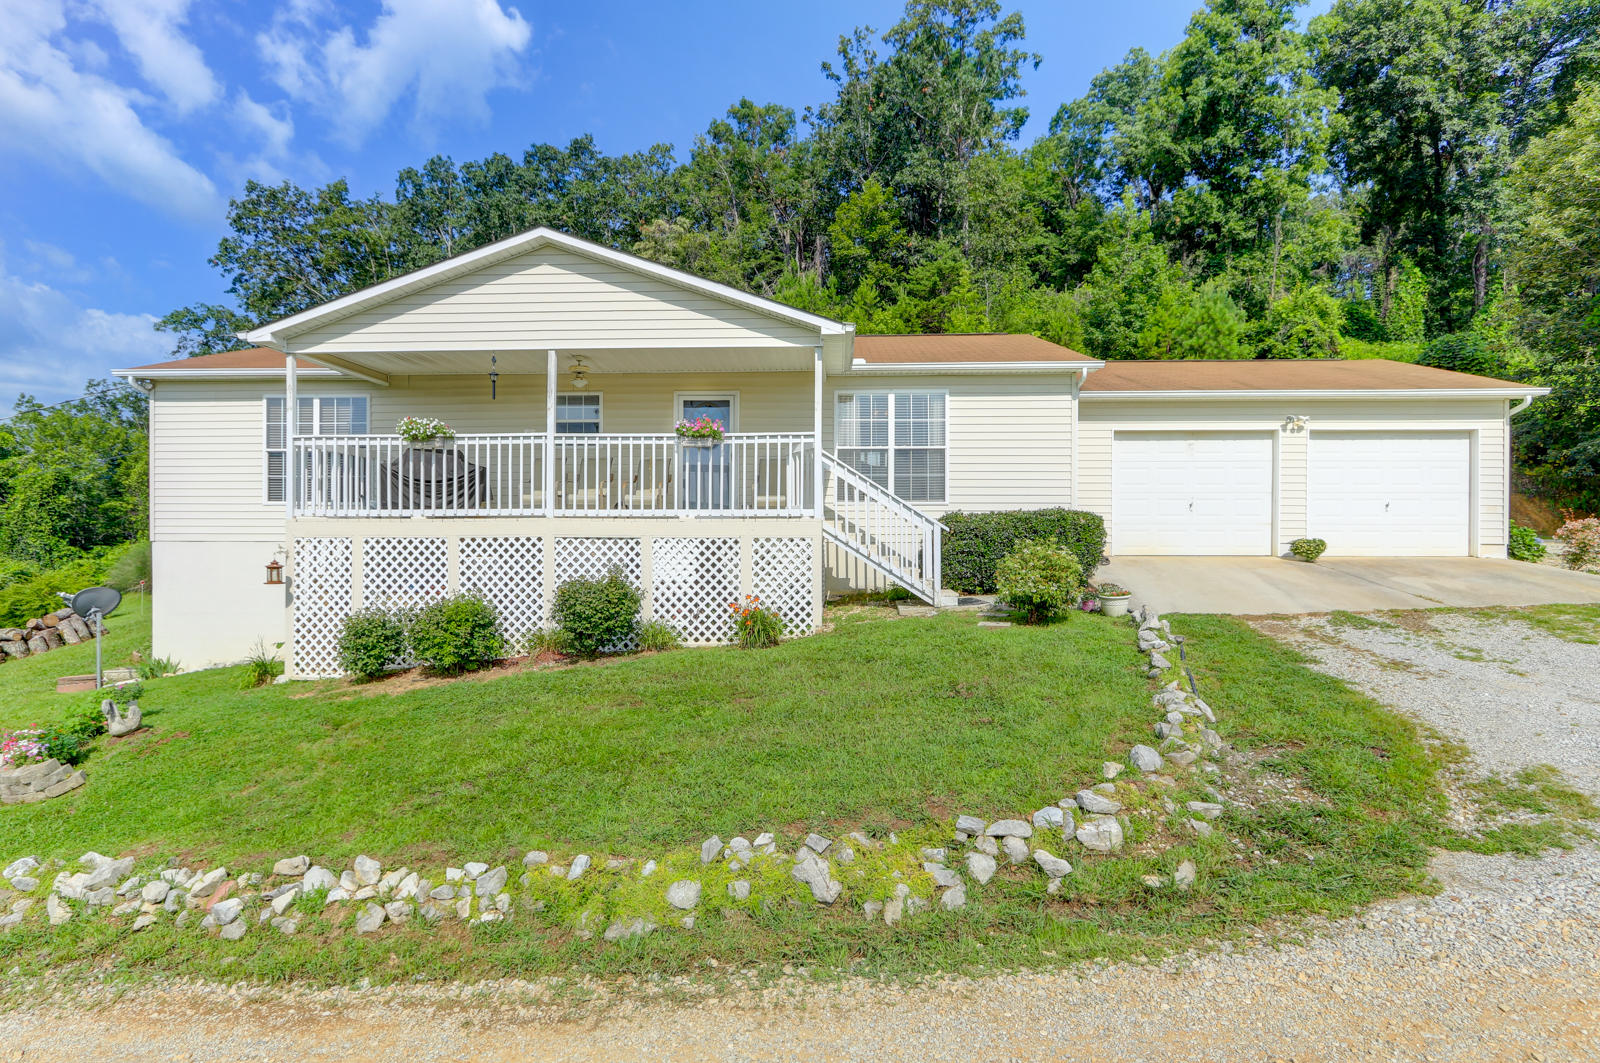 470 Ashe Cabin Hollow Rd, Harriman, TN 37748